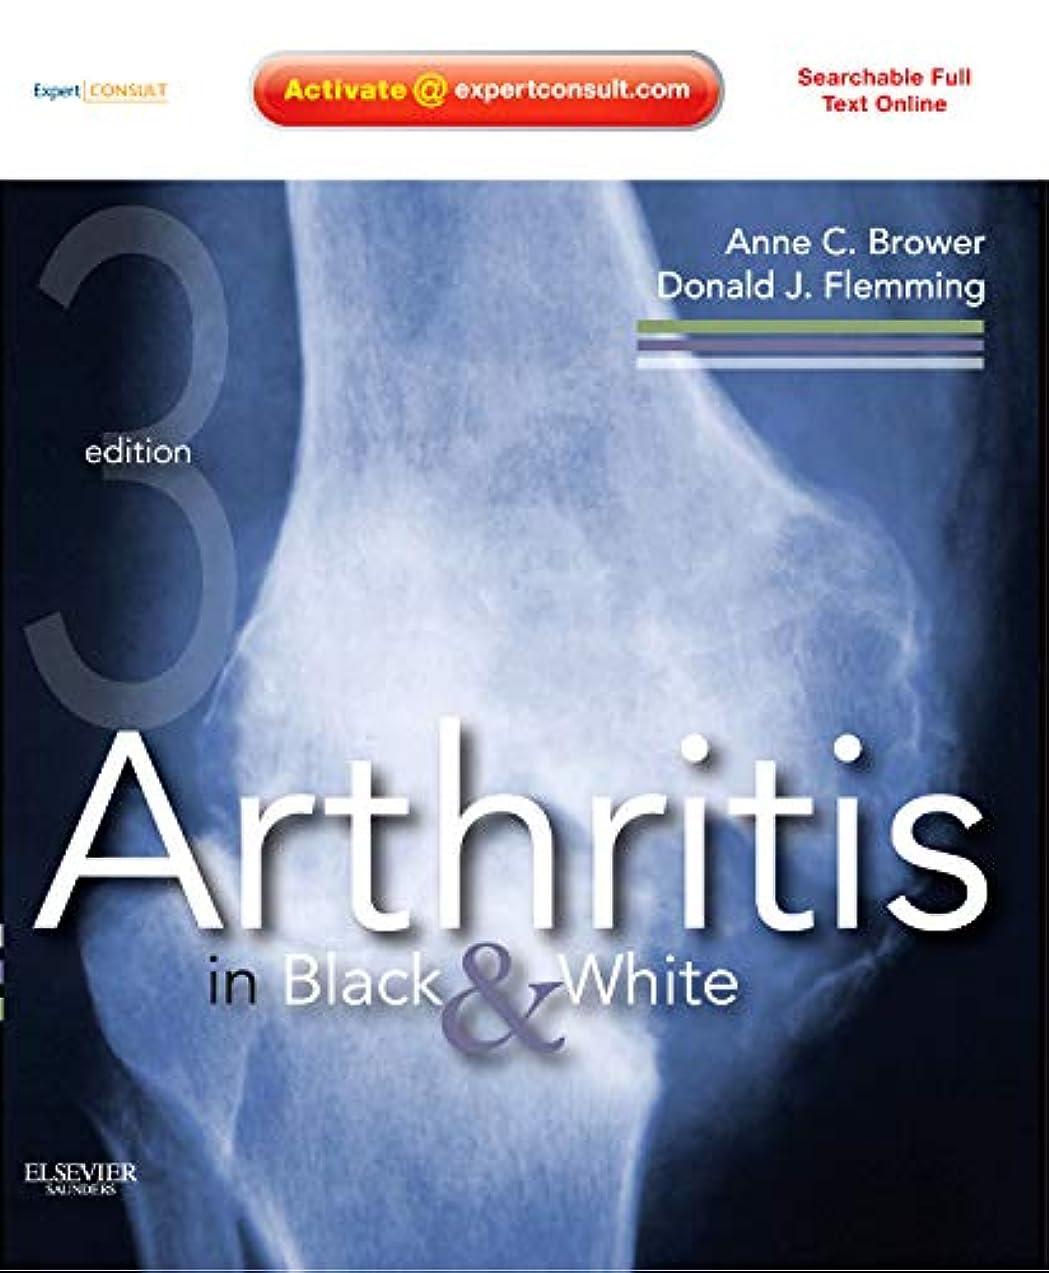 メトリック構築する敬Arthritis in Black and White: Expert Consult - Online and Print, 3e